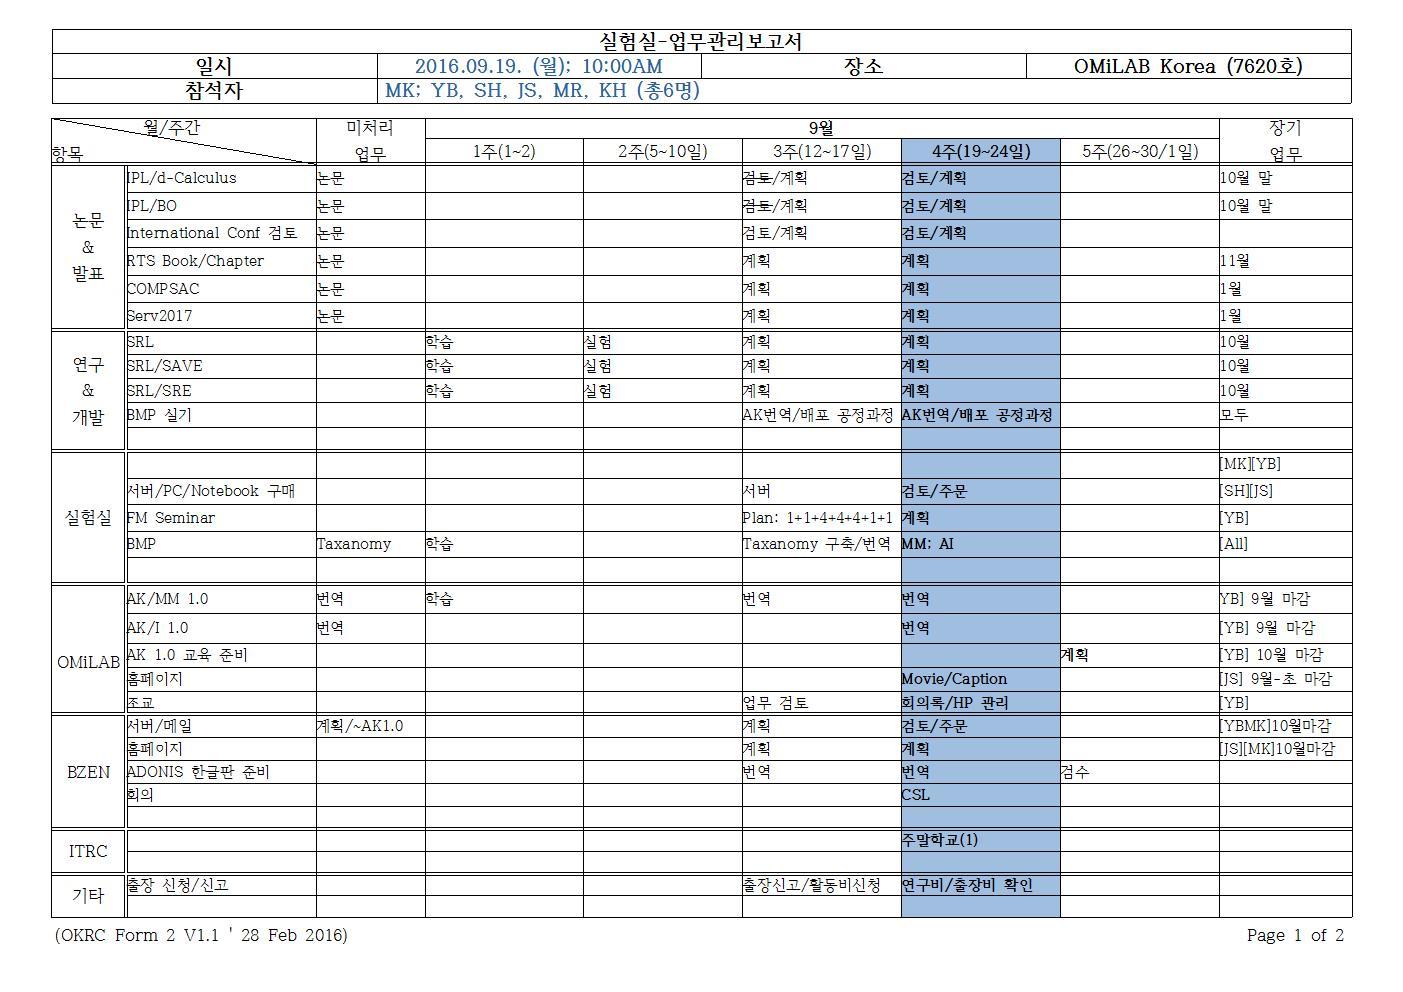 1-월-2016-09-17-회의록-MK-plan001.jpg